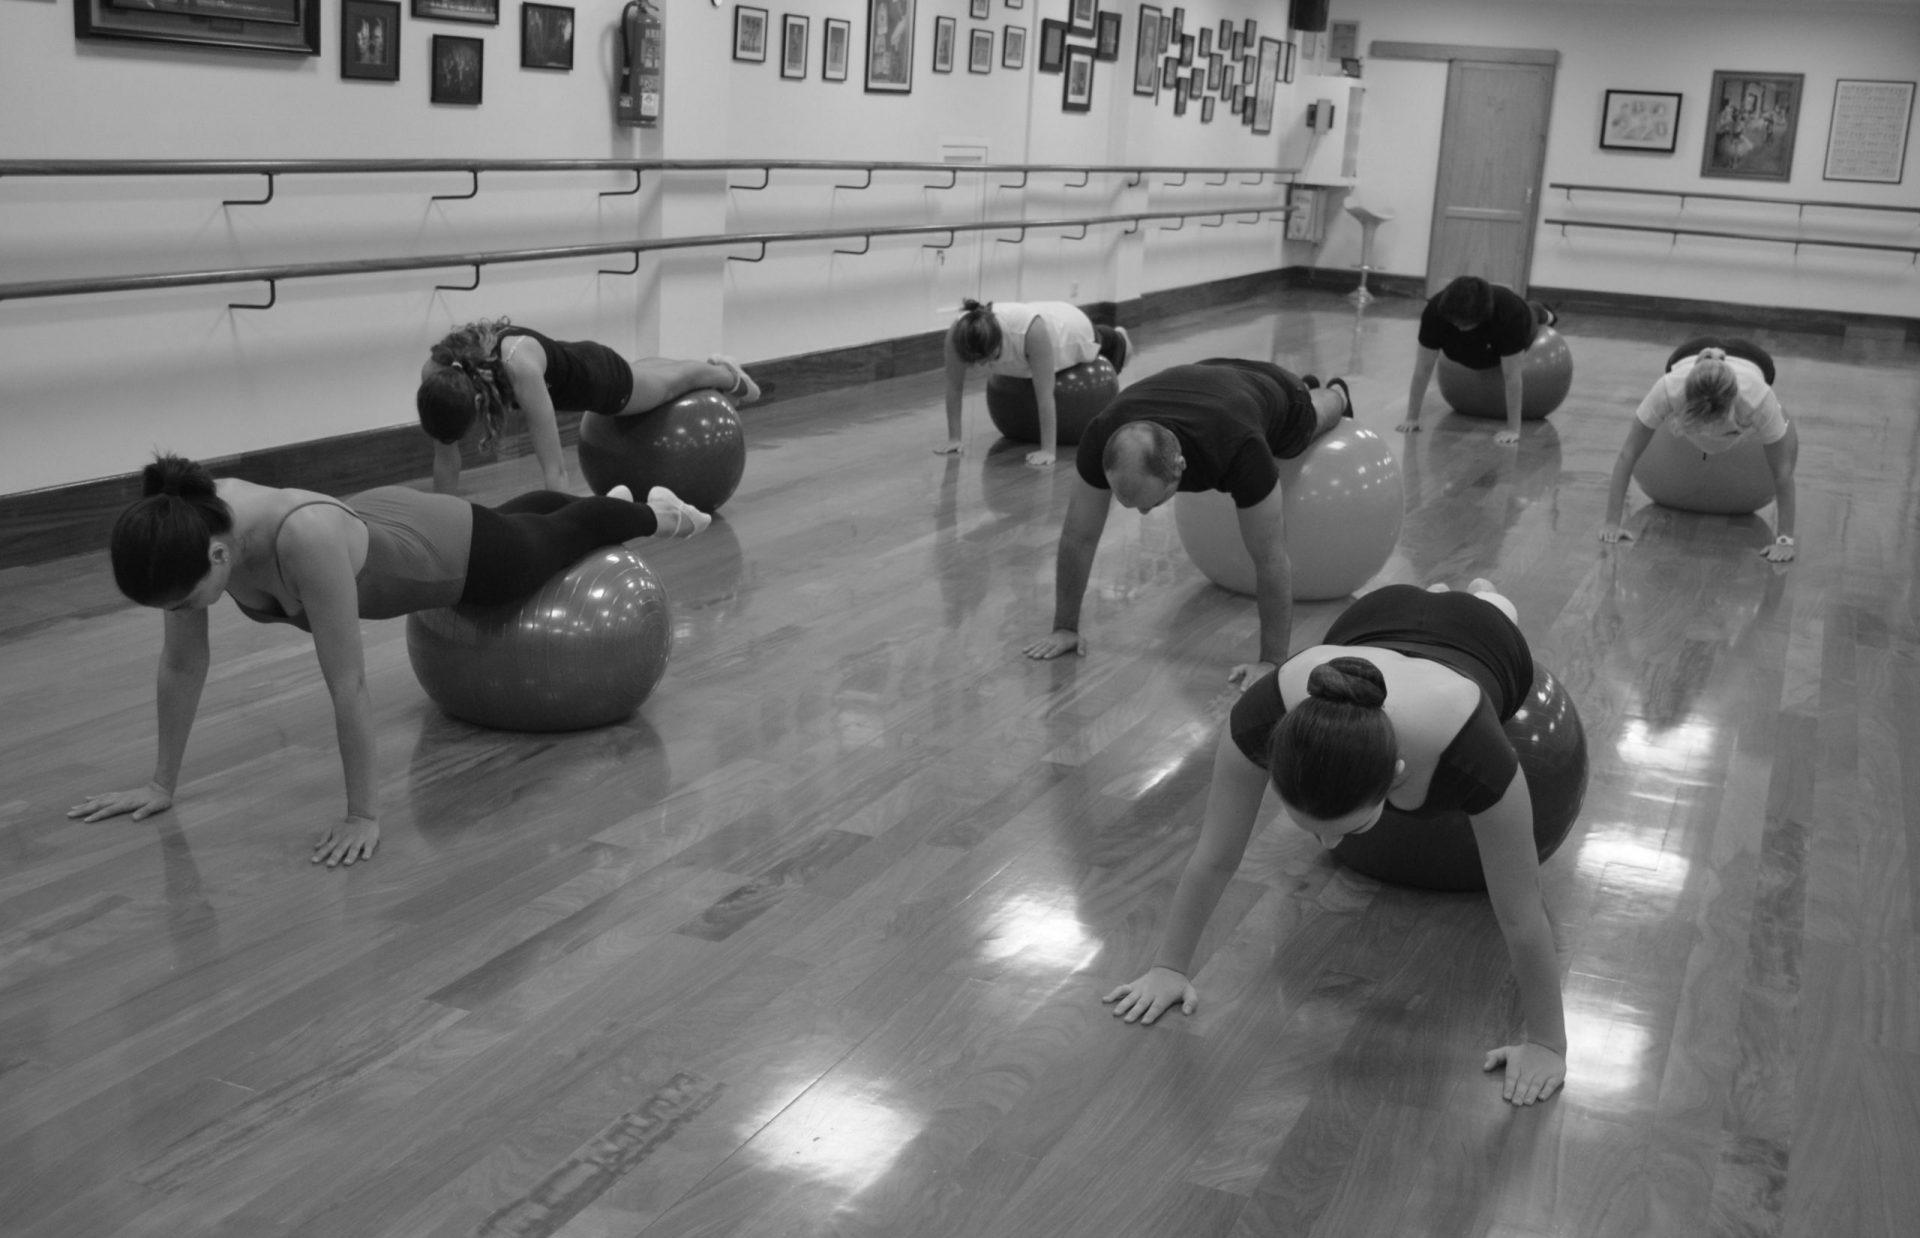 Foto en el Centro de Danza Sandra Santa Cruz donde un grupo de alumnos hacen un equilibrio en plancha con las manos en el suelo y los pies sobre una pelota grande durante una clase de Stretching con fit-ball y bandas elásticas para tener mejor forma física.